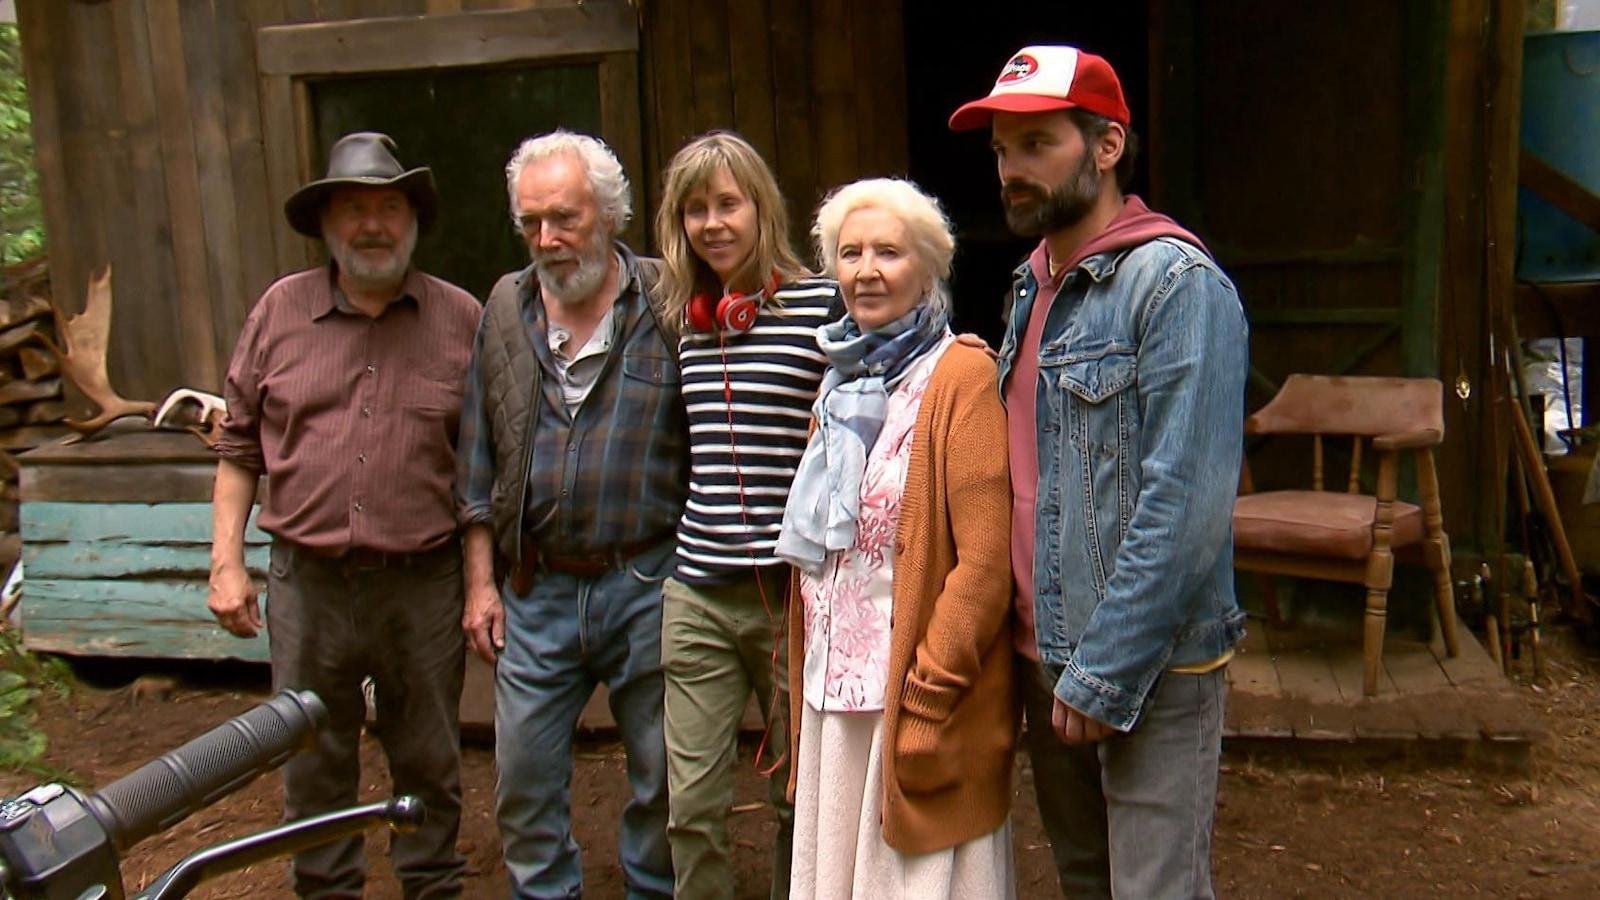 5 personnes sont côte à côte devant une cabane délabrée dans la forêt.